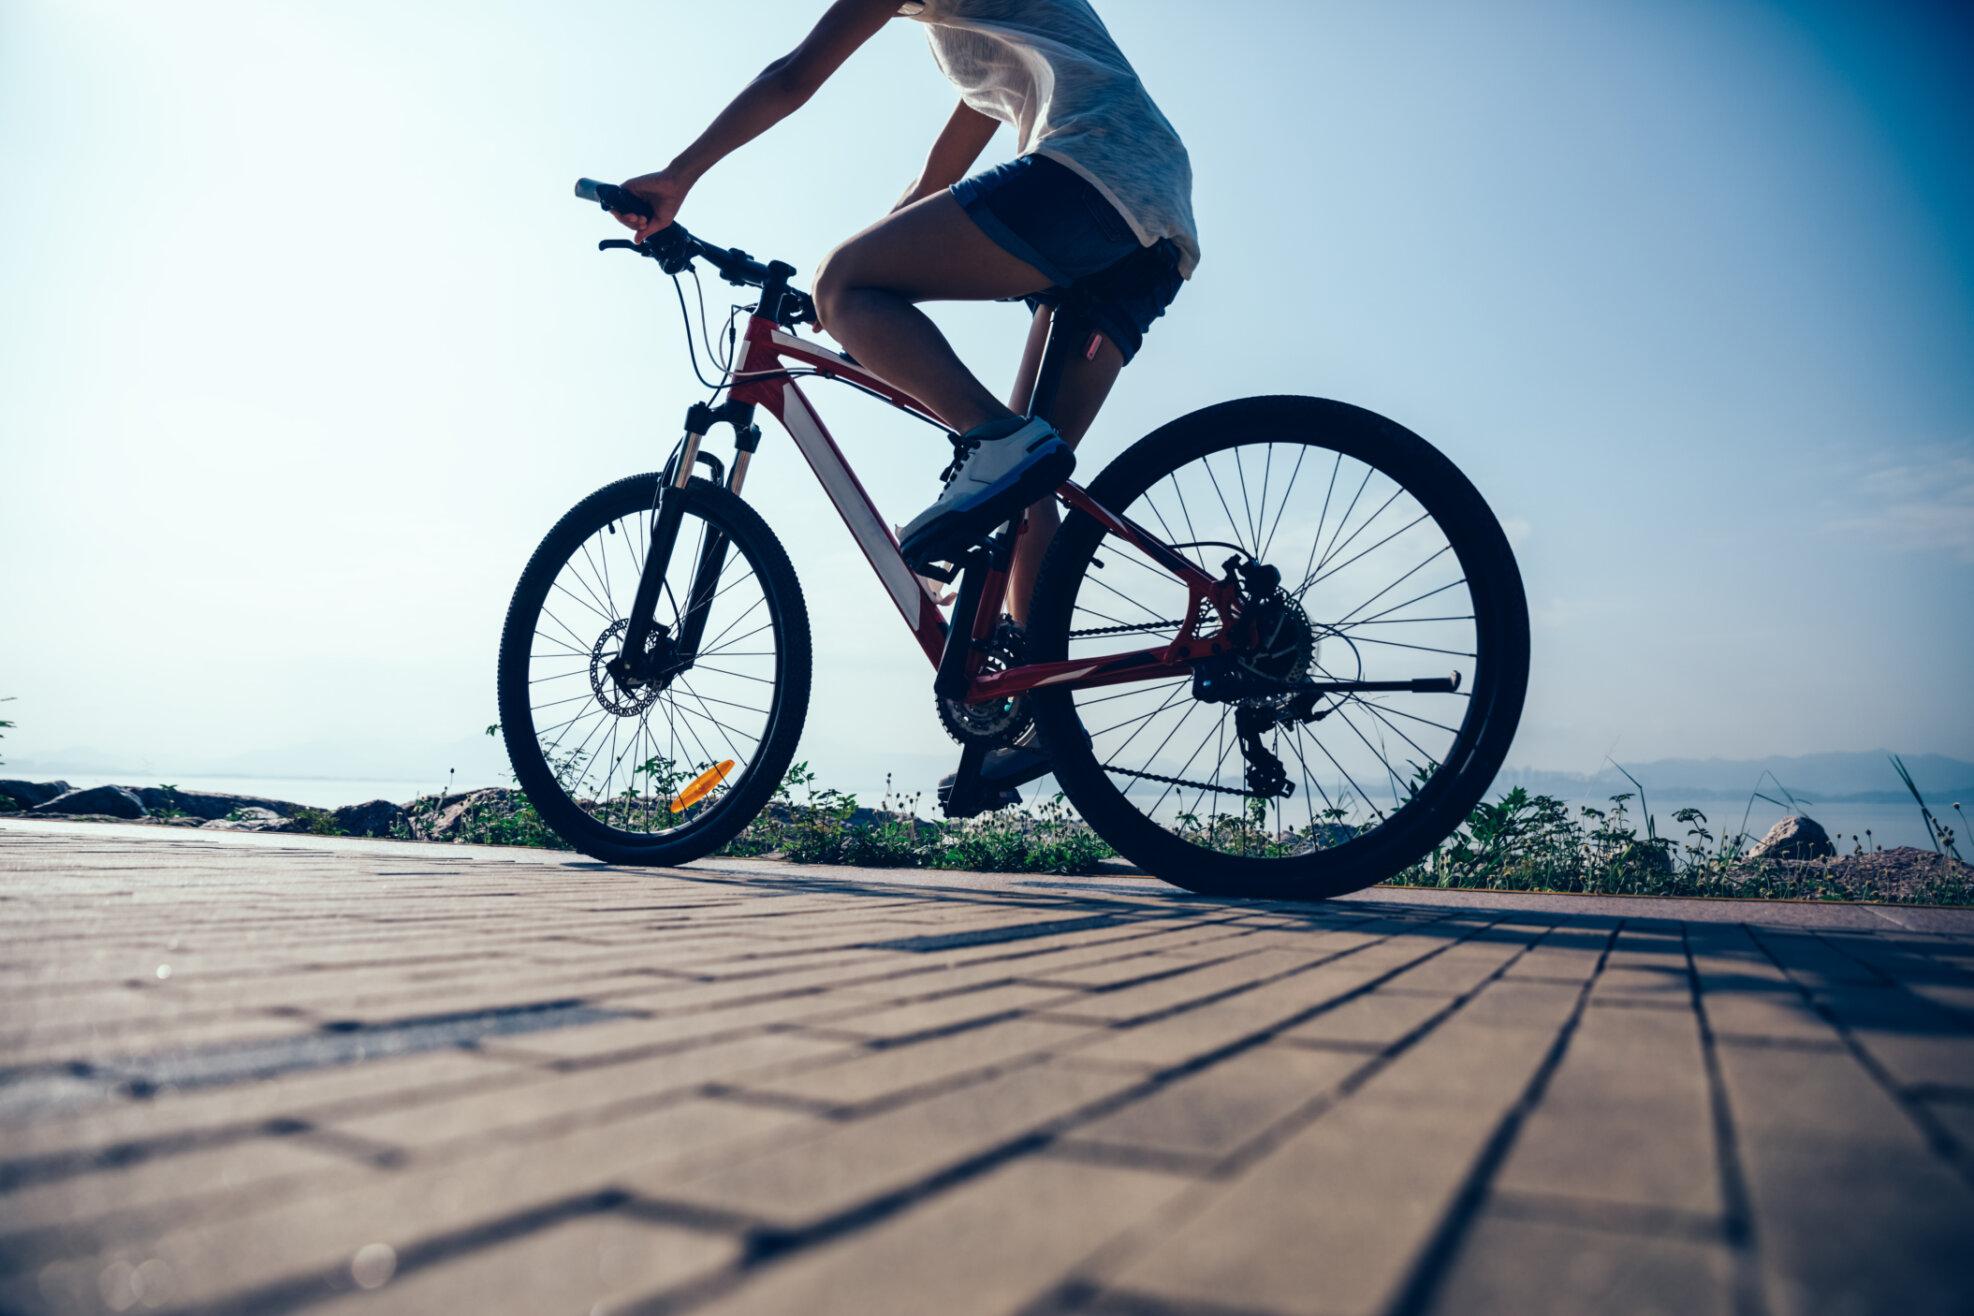 Vertikal-Helse-sykkel-fysisk-aktivitet